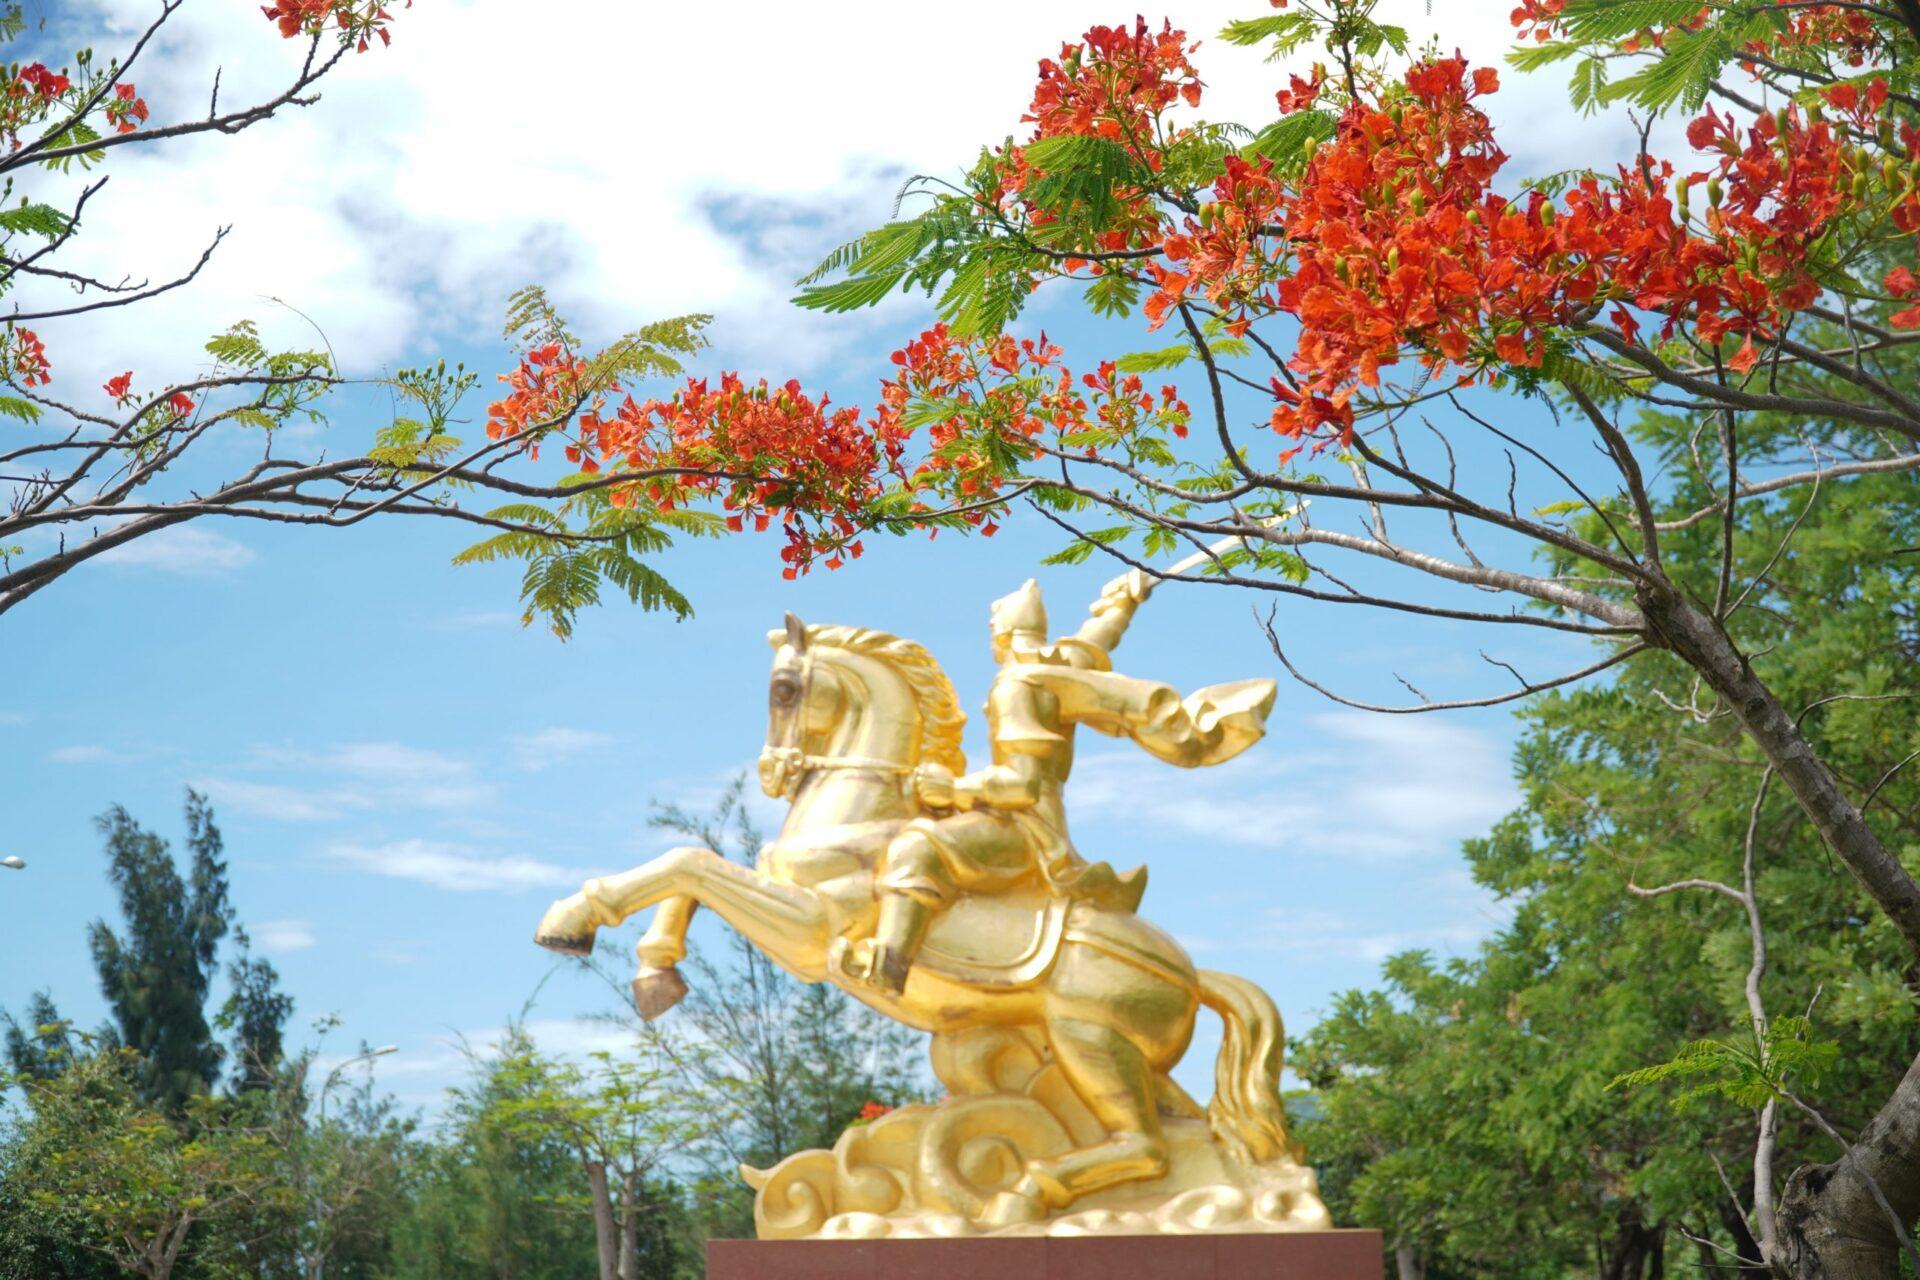 Vua Quang Trung và hoài bão xây dựng một nền giáo dục mang đậm tính dân tộc